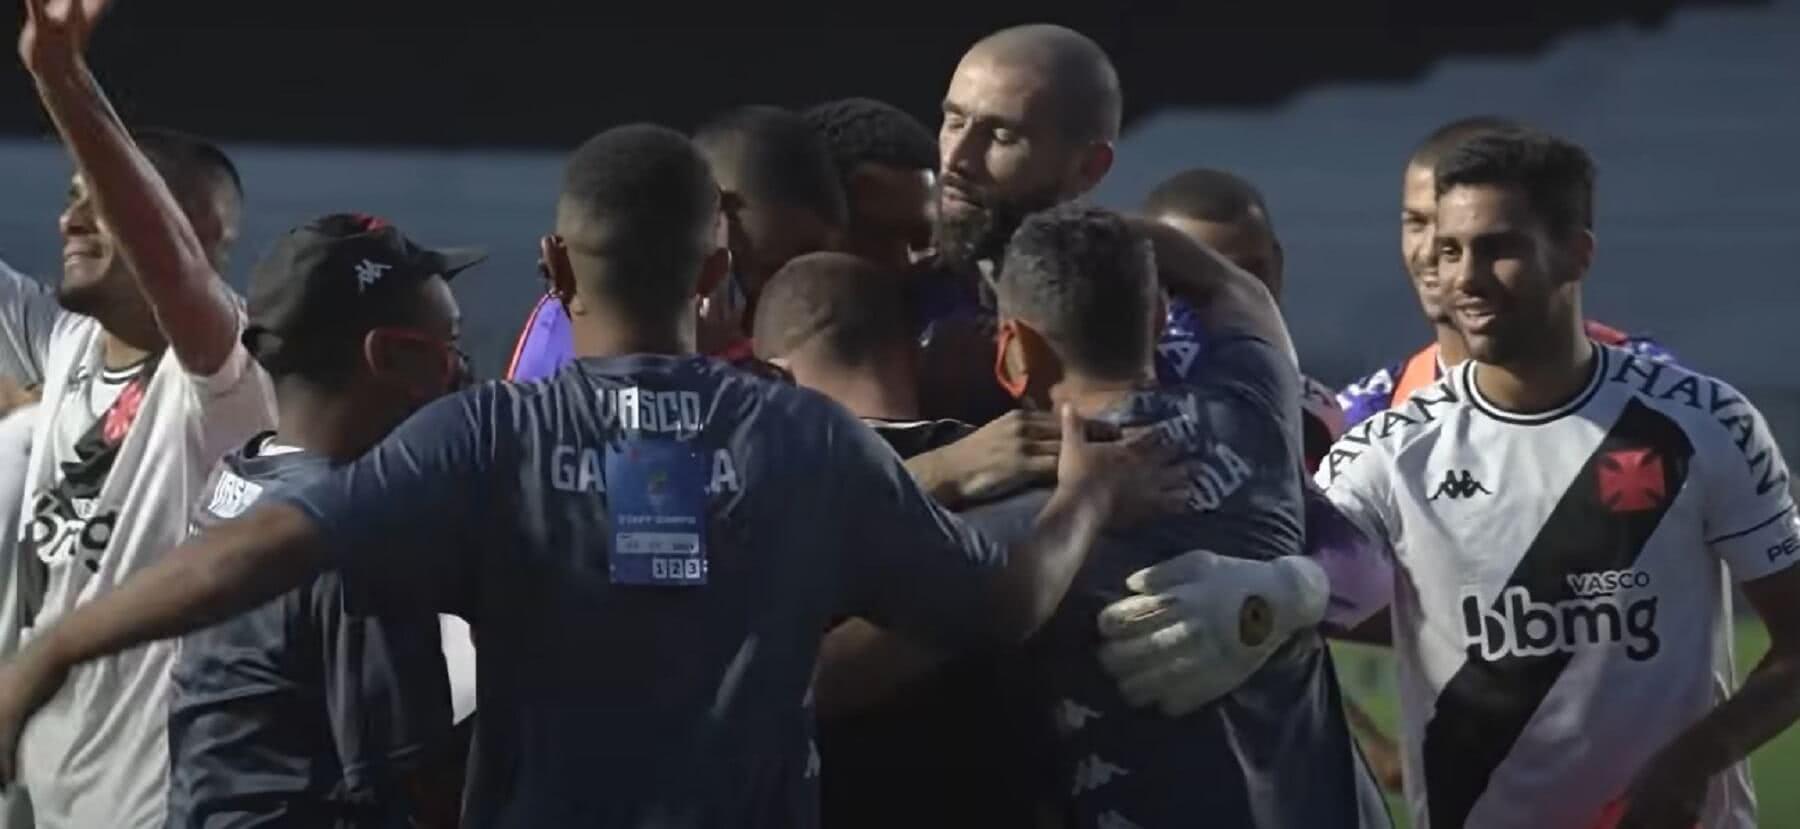 Comemoração do Vasco pelo título da Taça Rio 2021